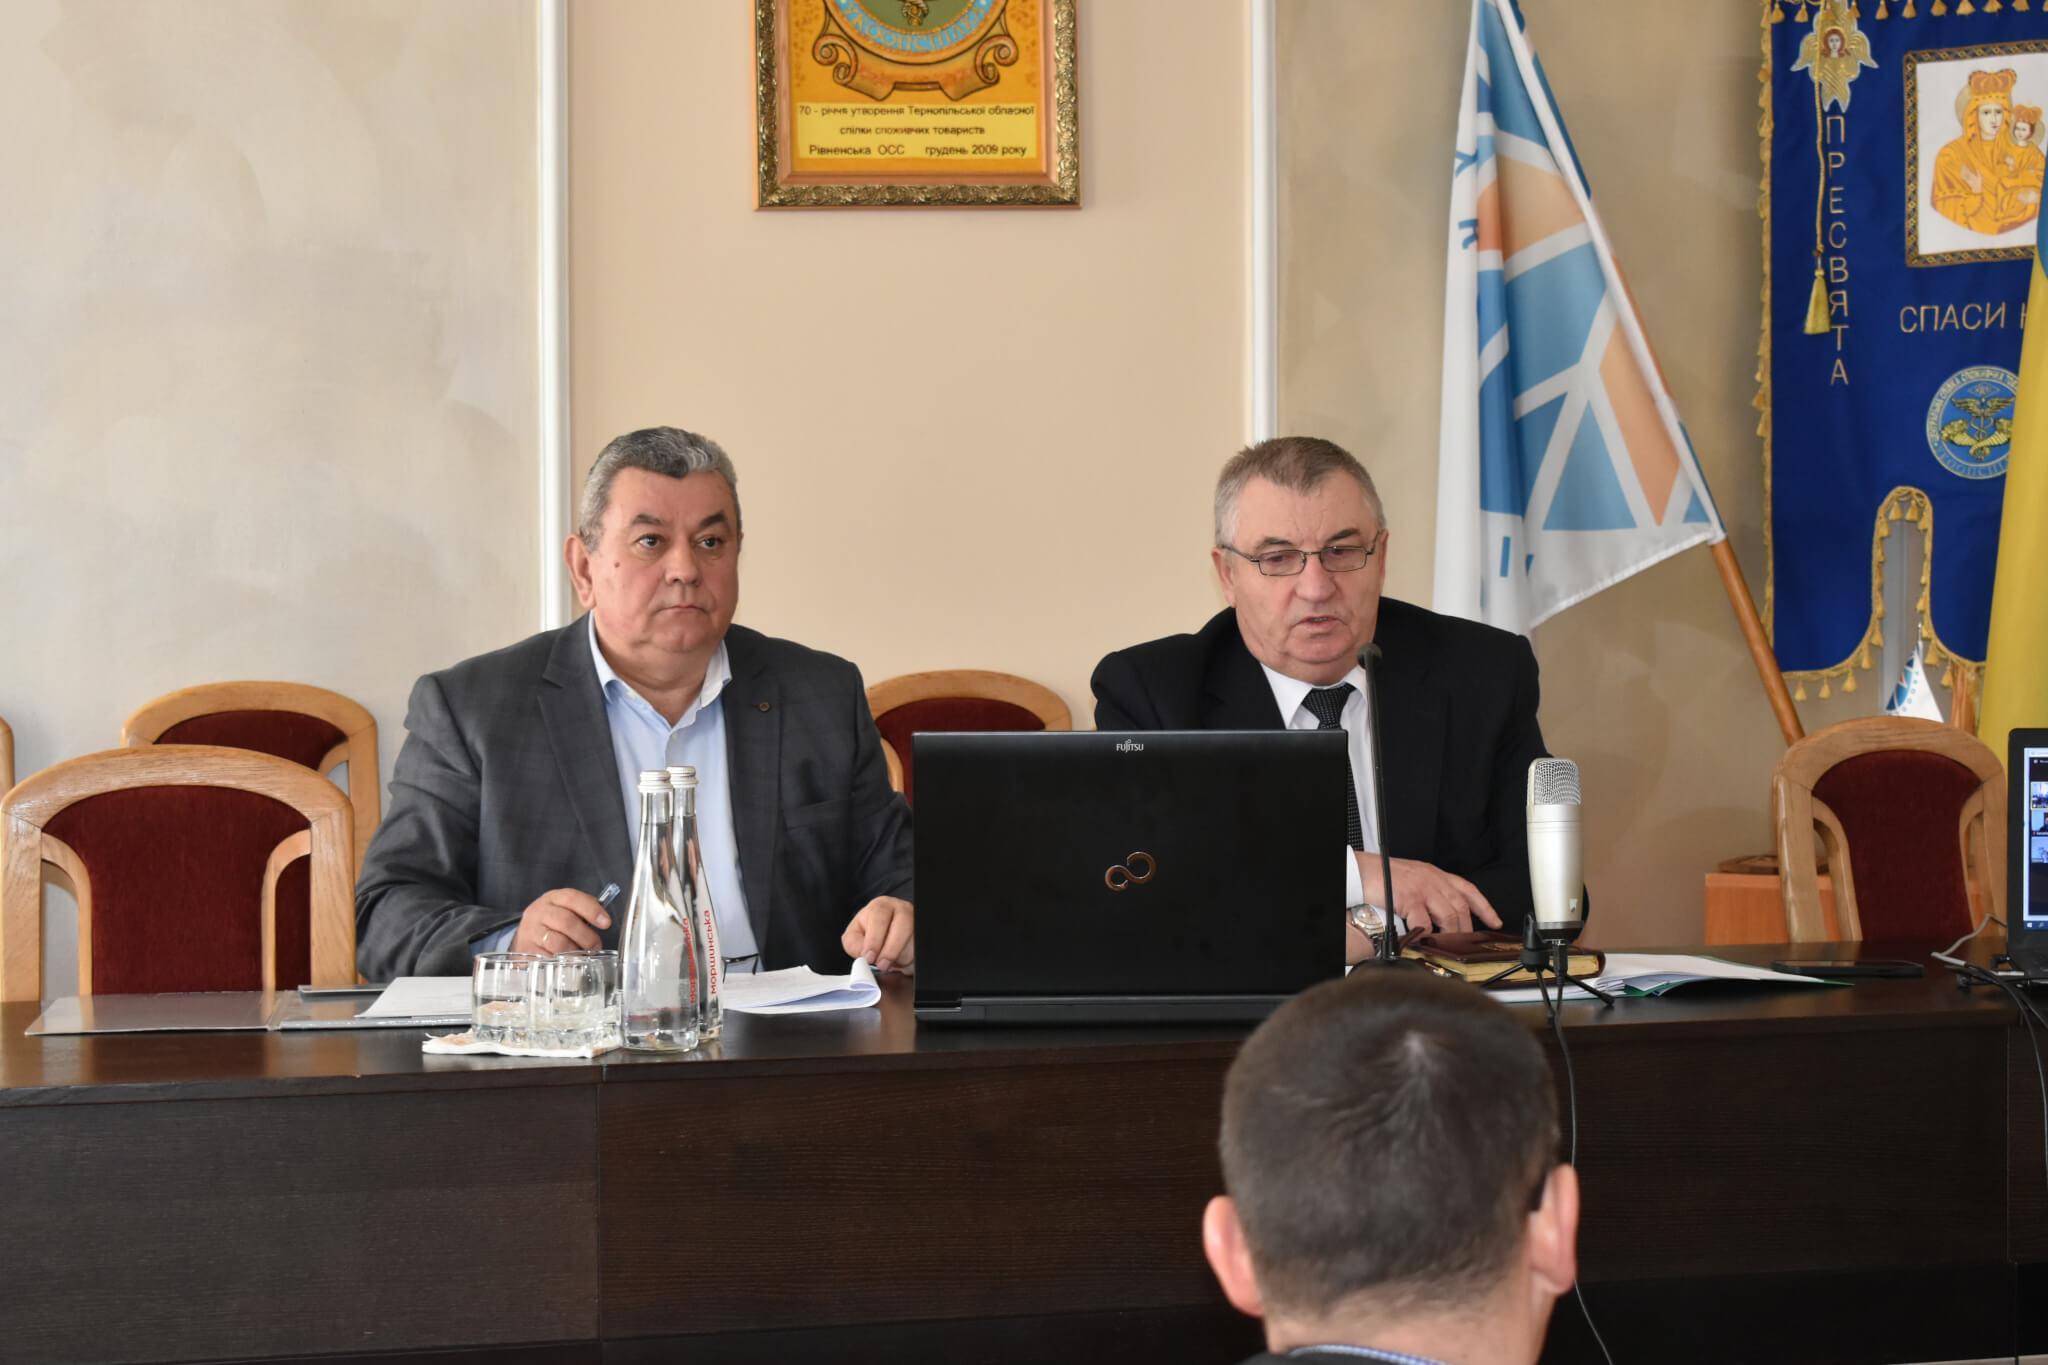 19 березня 2021 року  відбулися  четверті збори ради спілки споживчих товариств Тернопільської області  третього скликання.